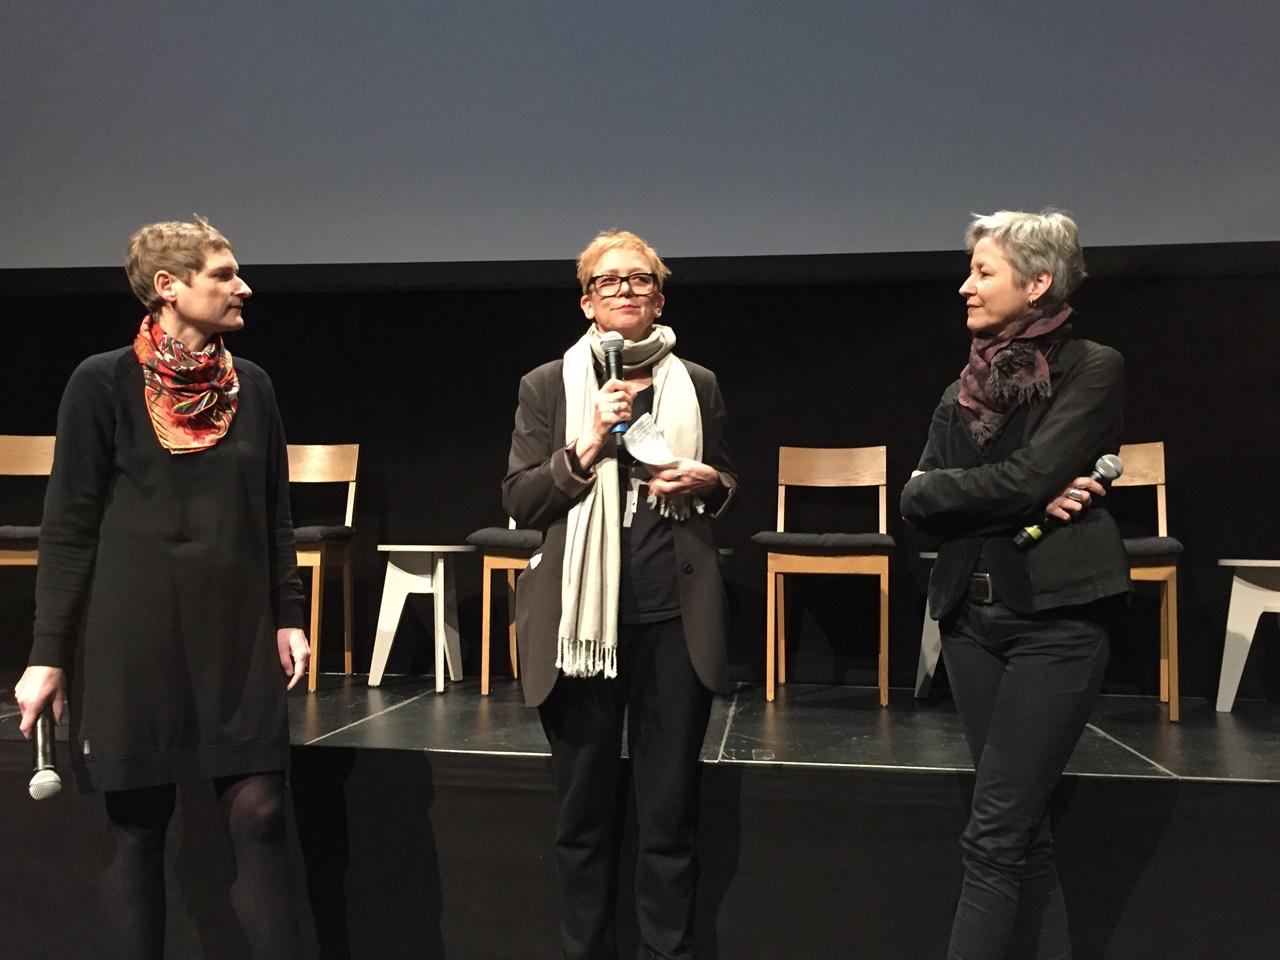 베를린영화제 포럼및 포럼 익스팬디드 섹션 프로그래머들 베를린영화제 포럼50주년을 맞아 관계자들이 관객을 향해 환영사및 기조연설을 하고 있다. 좌측부터 순서대로 Cristina Nord 포럼 디렉터, Stefanie Schulte Strathaus 포럼 익스팬디드 디렉터, Birgit Kohler 아스날 공동 디렉터